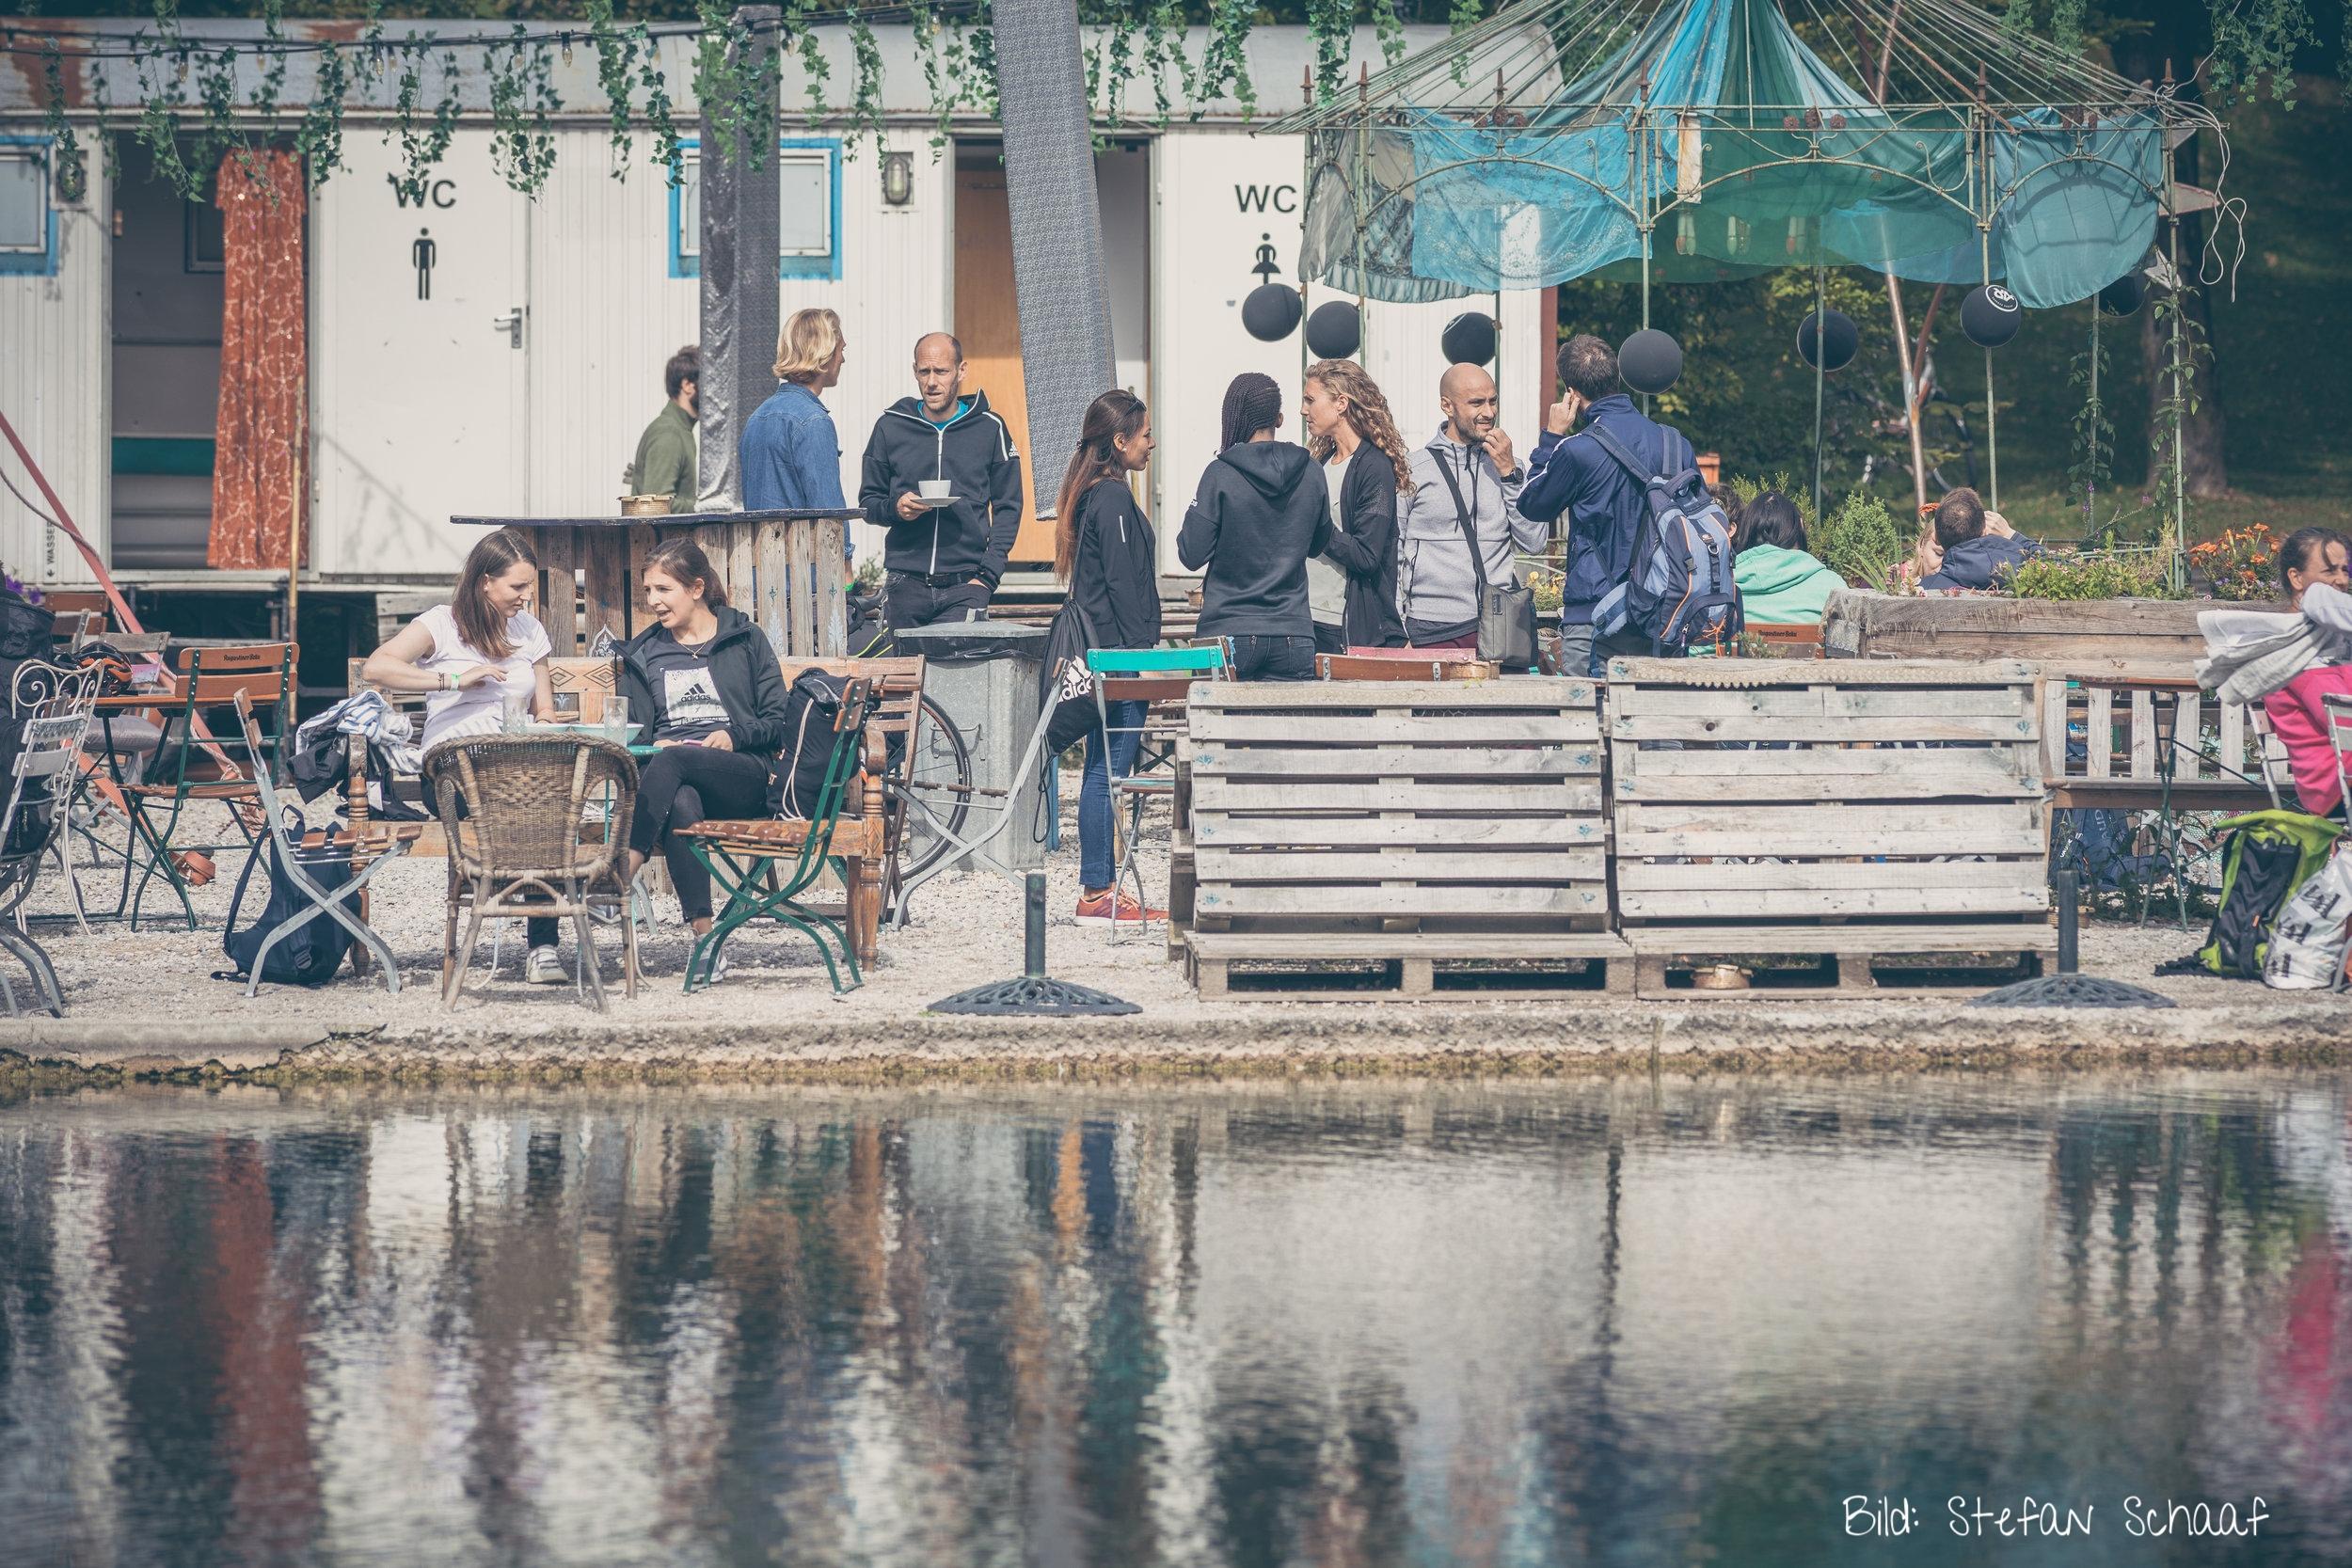 Am Vortag gab es noch ein Frühstück im Café Gans...